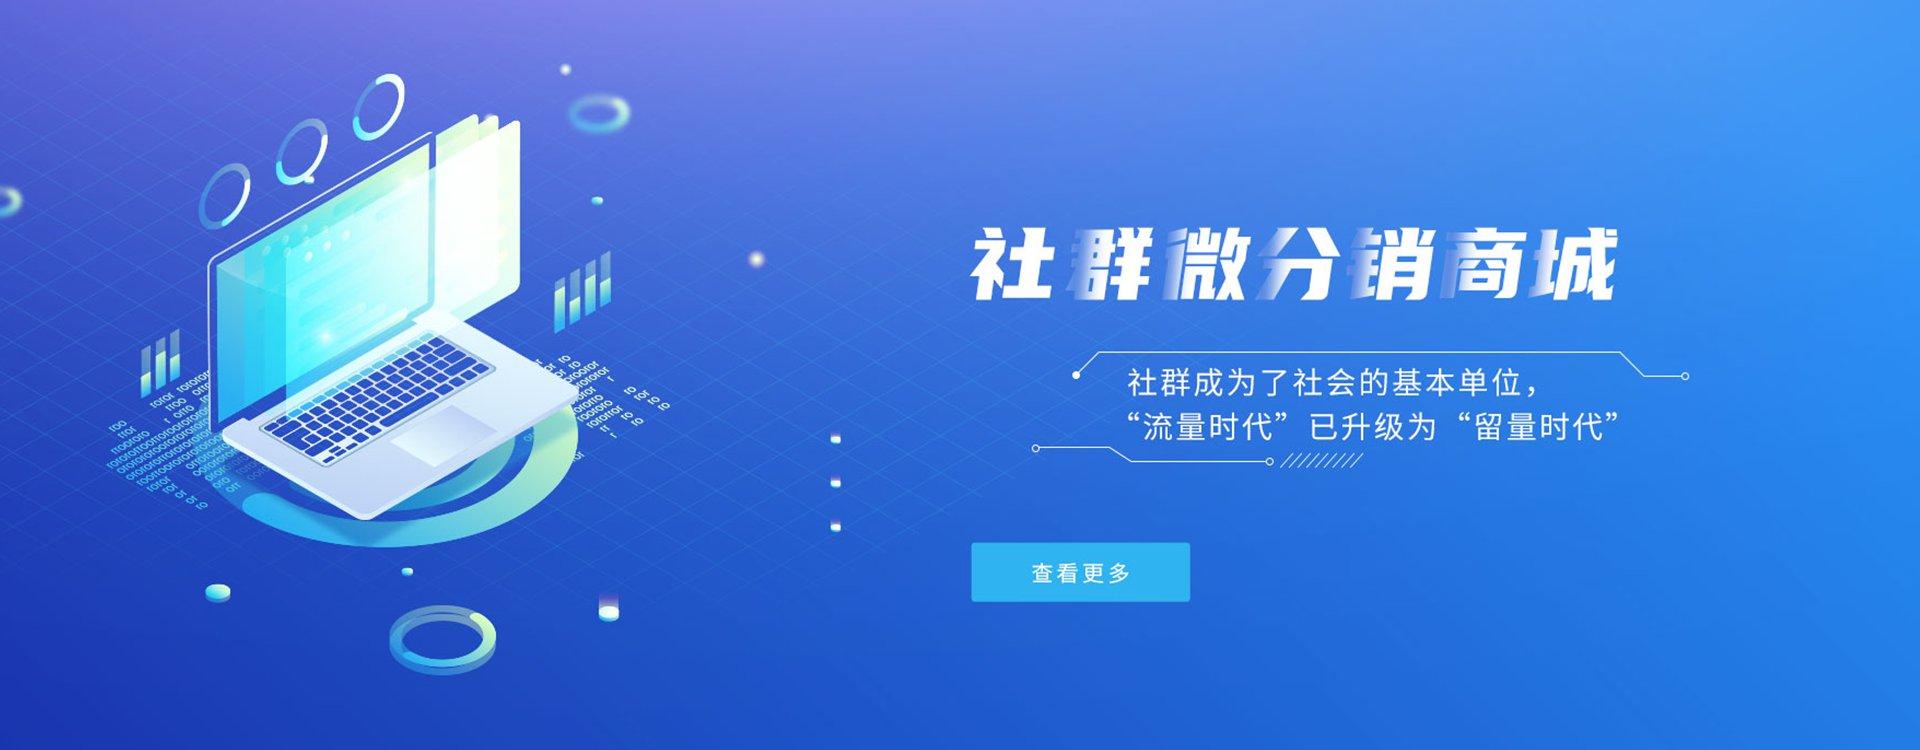 东祝社群微分销商城-放大您的私域流量变现技能